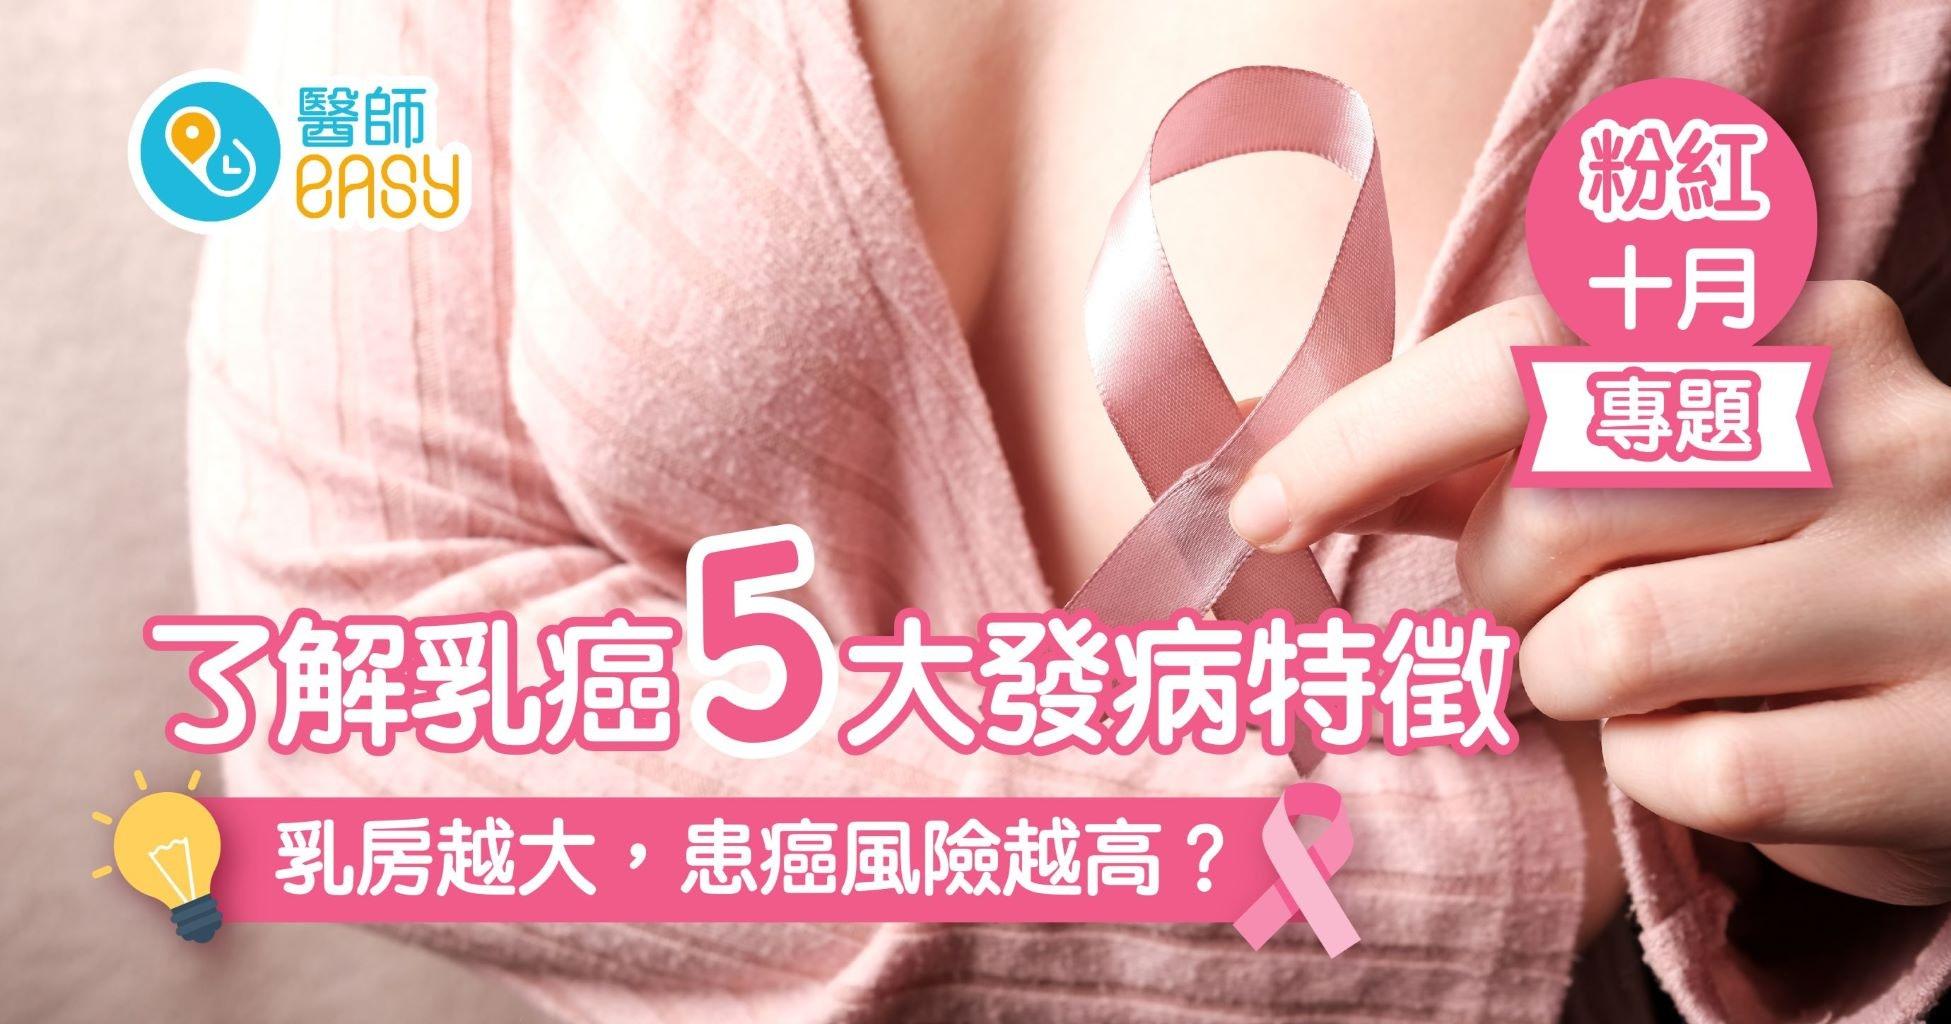 乳癌無分年齡、發病率極高 認識五大高危因素 破解三大迷思